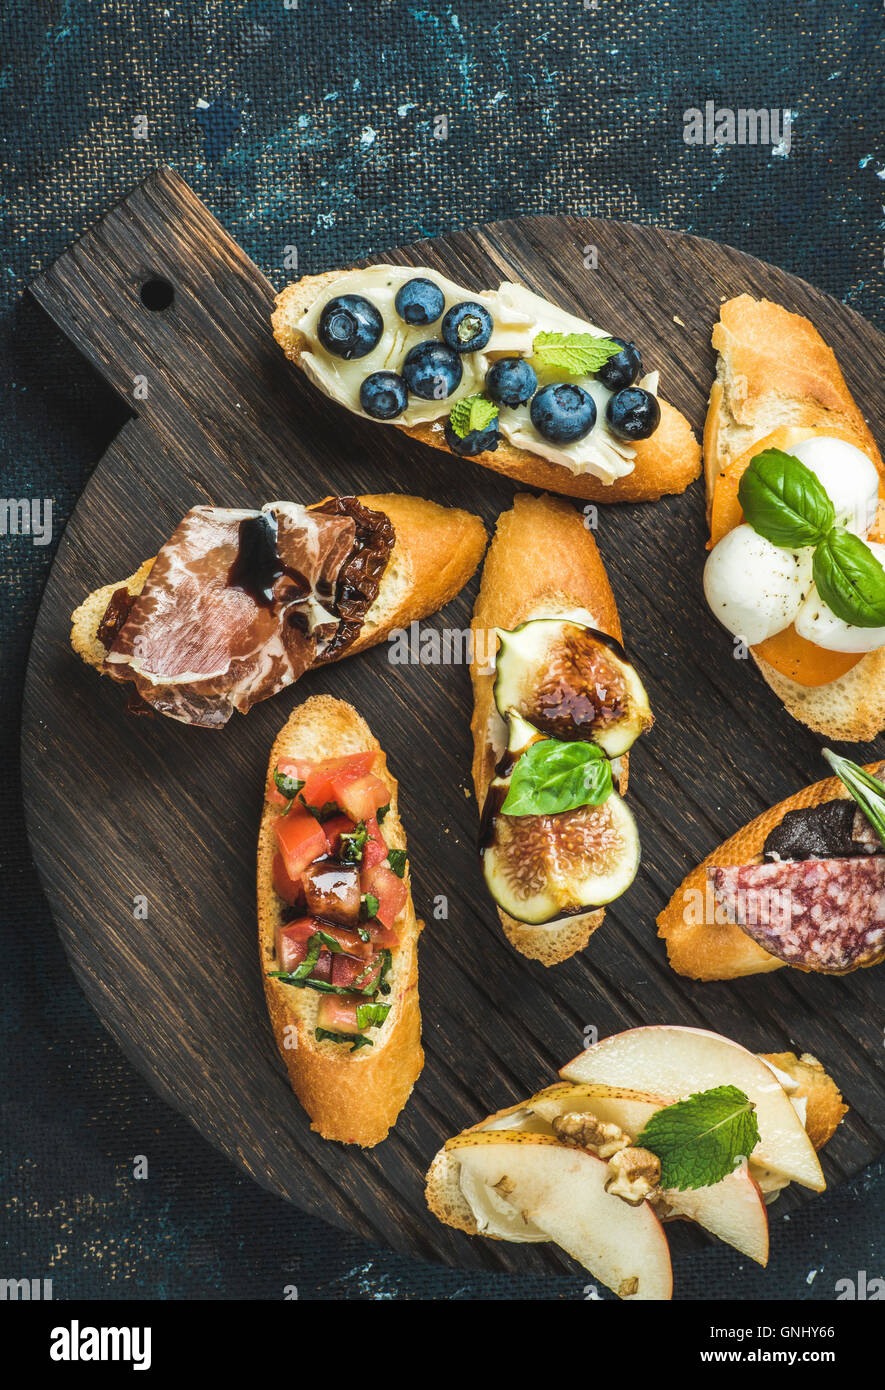 Crostini italiano con vari ingredienti sulla rotonda che serve in legno bordo nero su sfondo di legno compensato, Immagini Stock